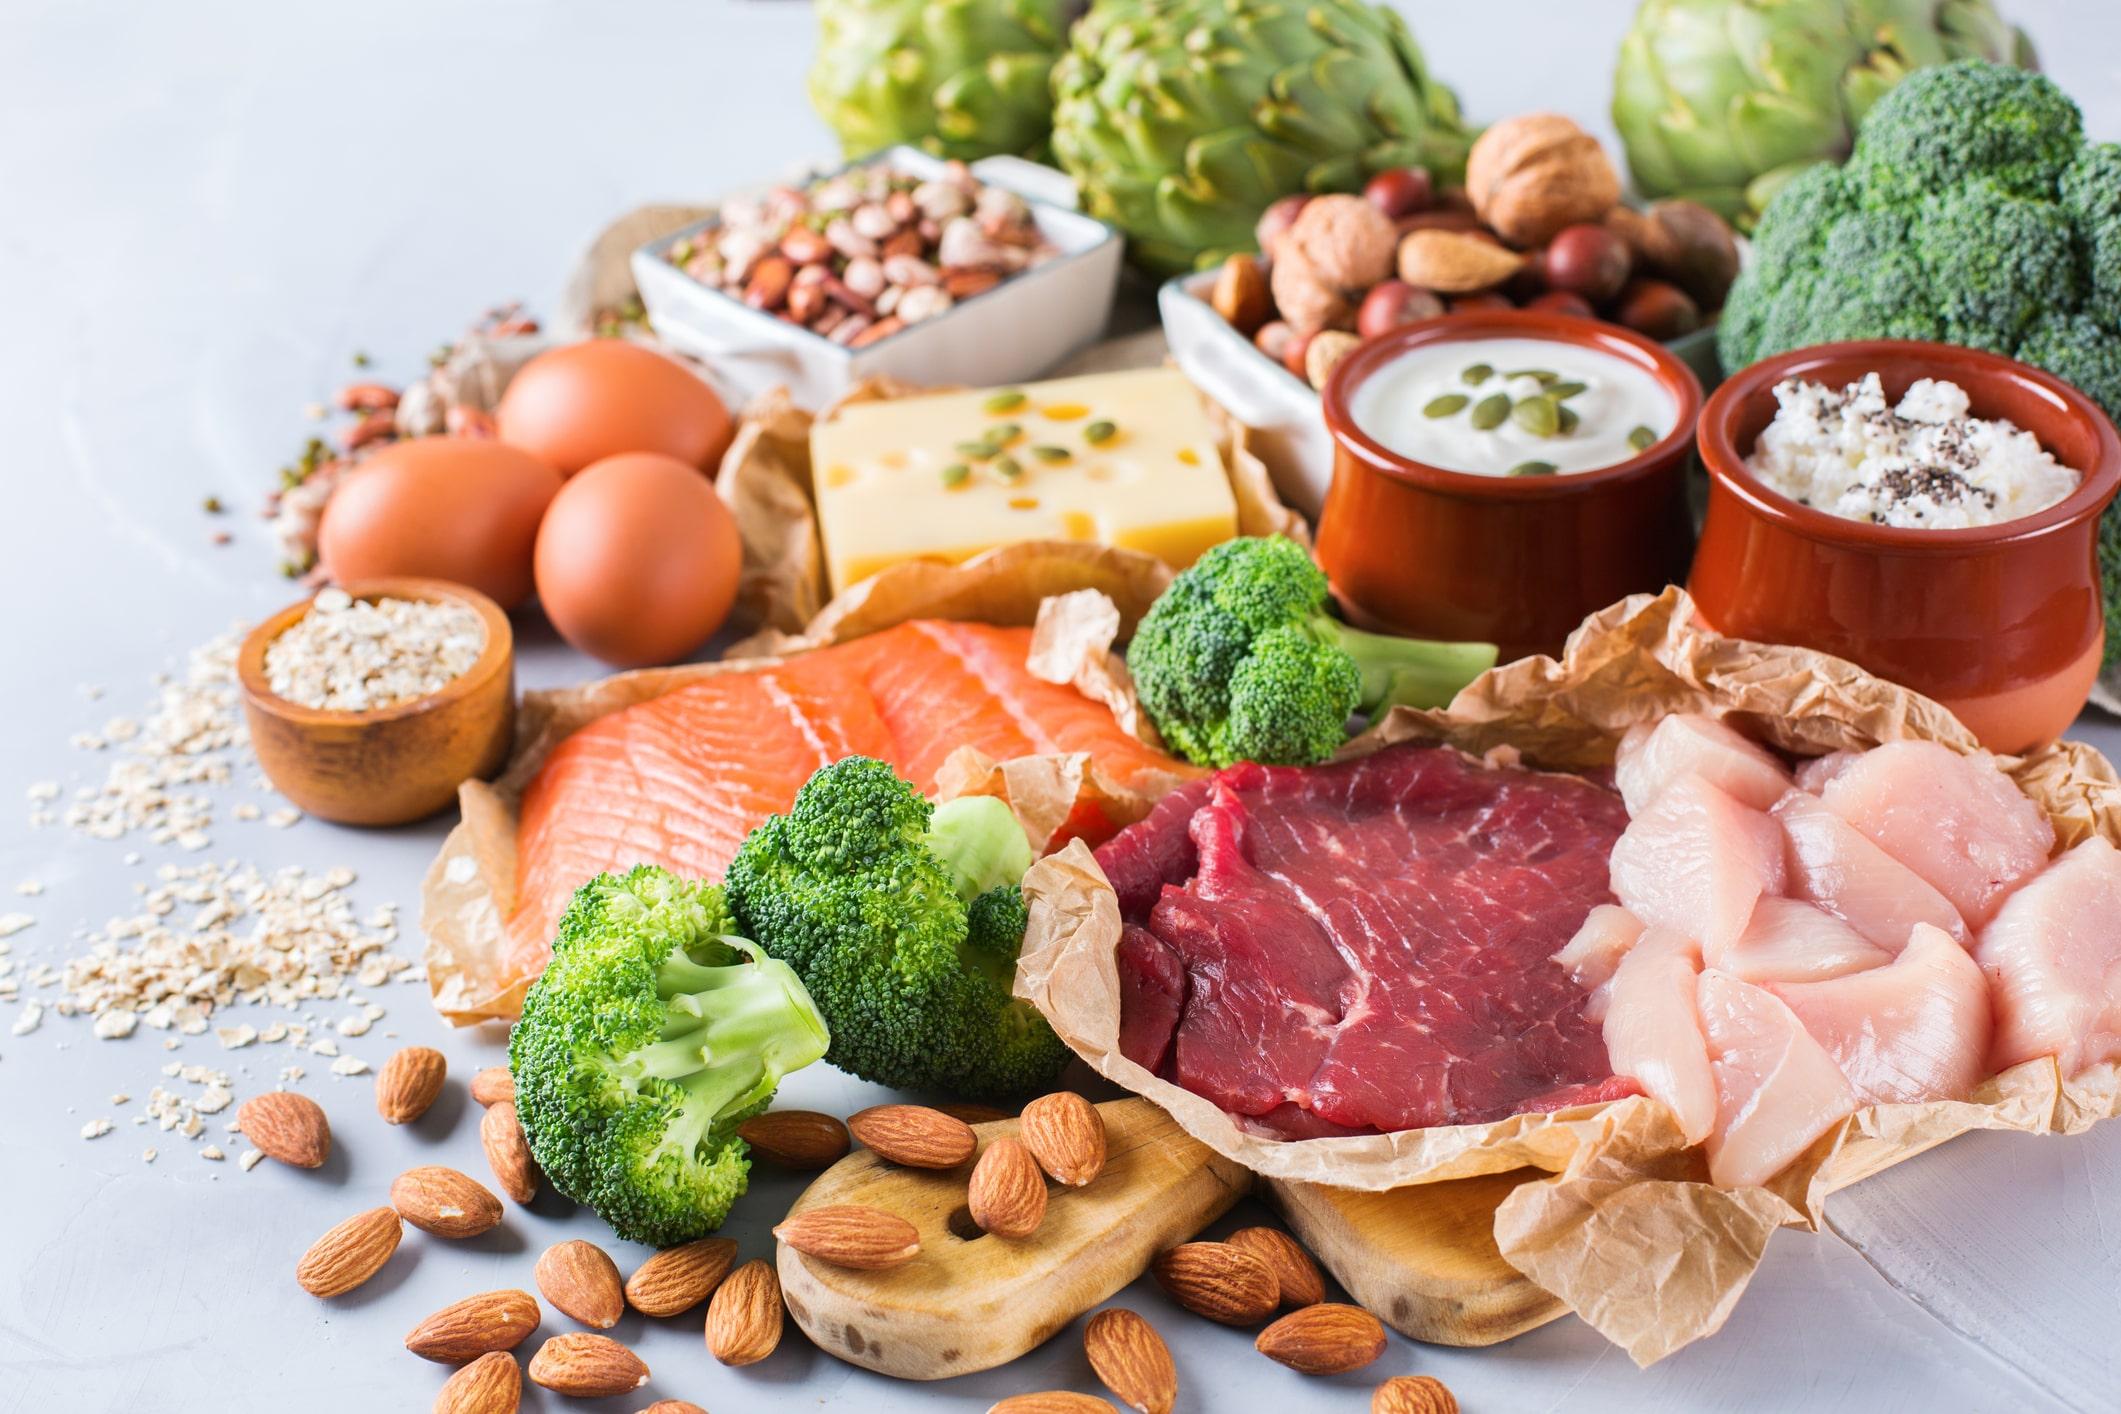 Mẹ nên bổ sung đa dạng chất dinh dưỡng để cung cấp đầy đủ chất cho bé